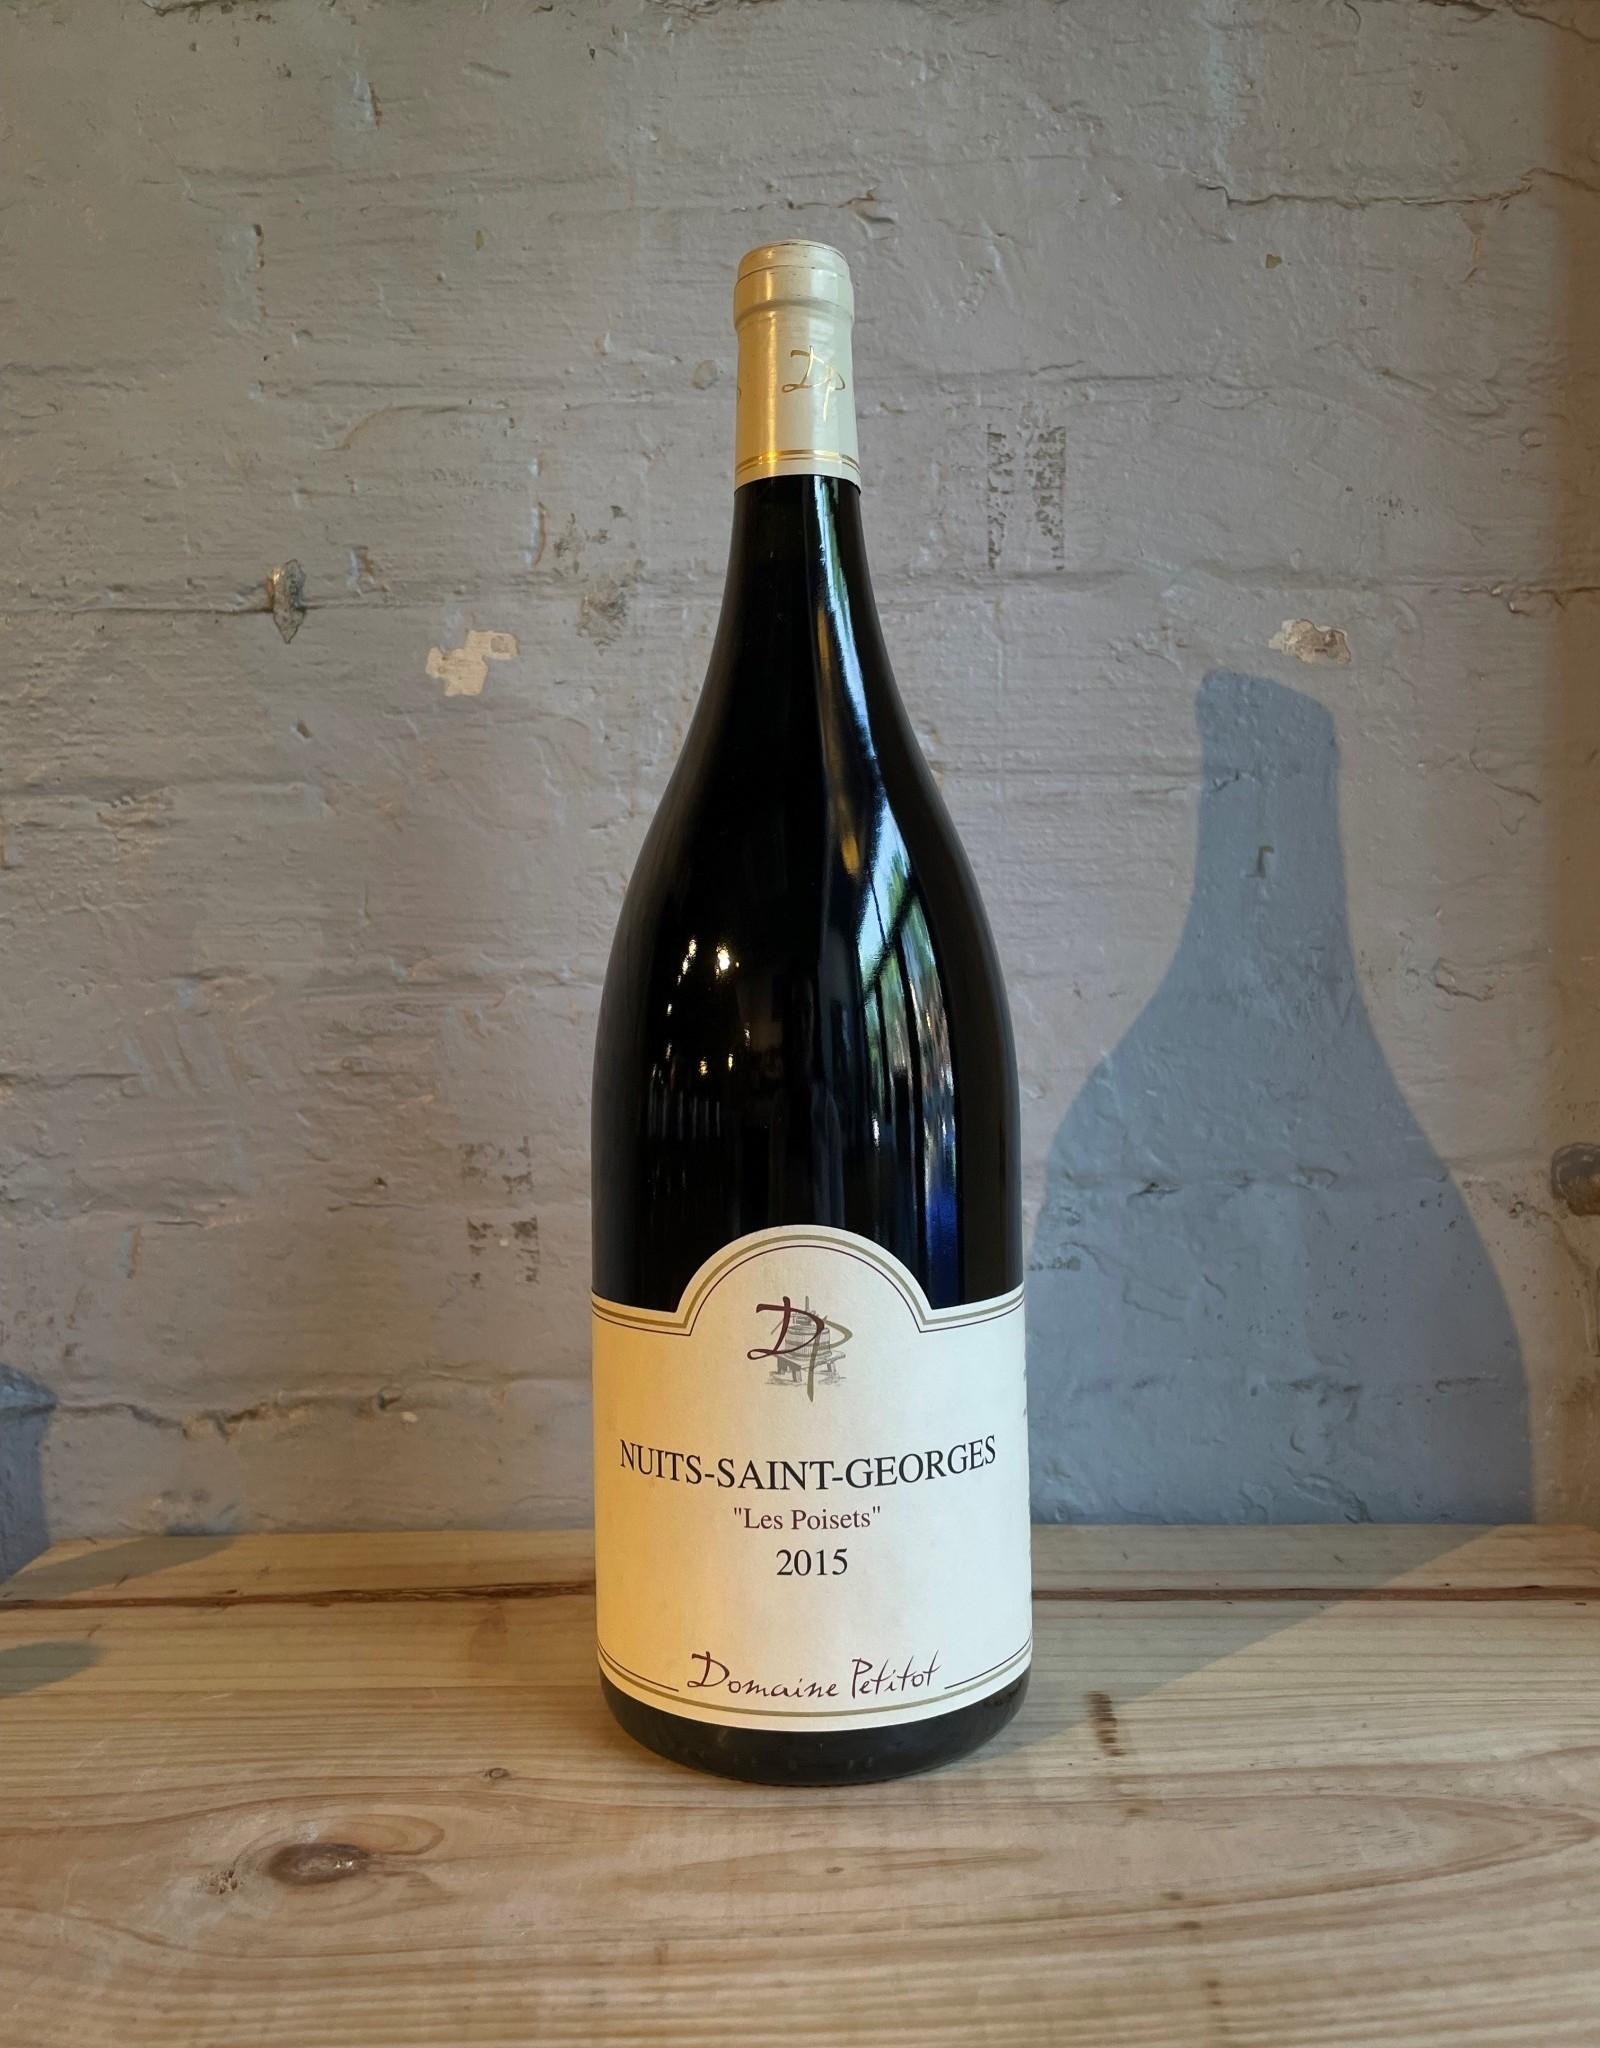 Wine 2015 Domaine Petitot Nuits-Saint-Georges Les Poisets - Burgundy, France (1.5L Magnum)